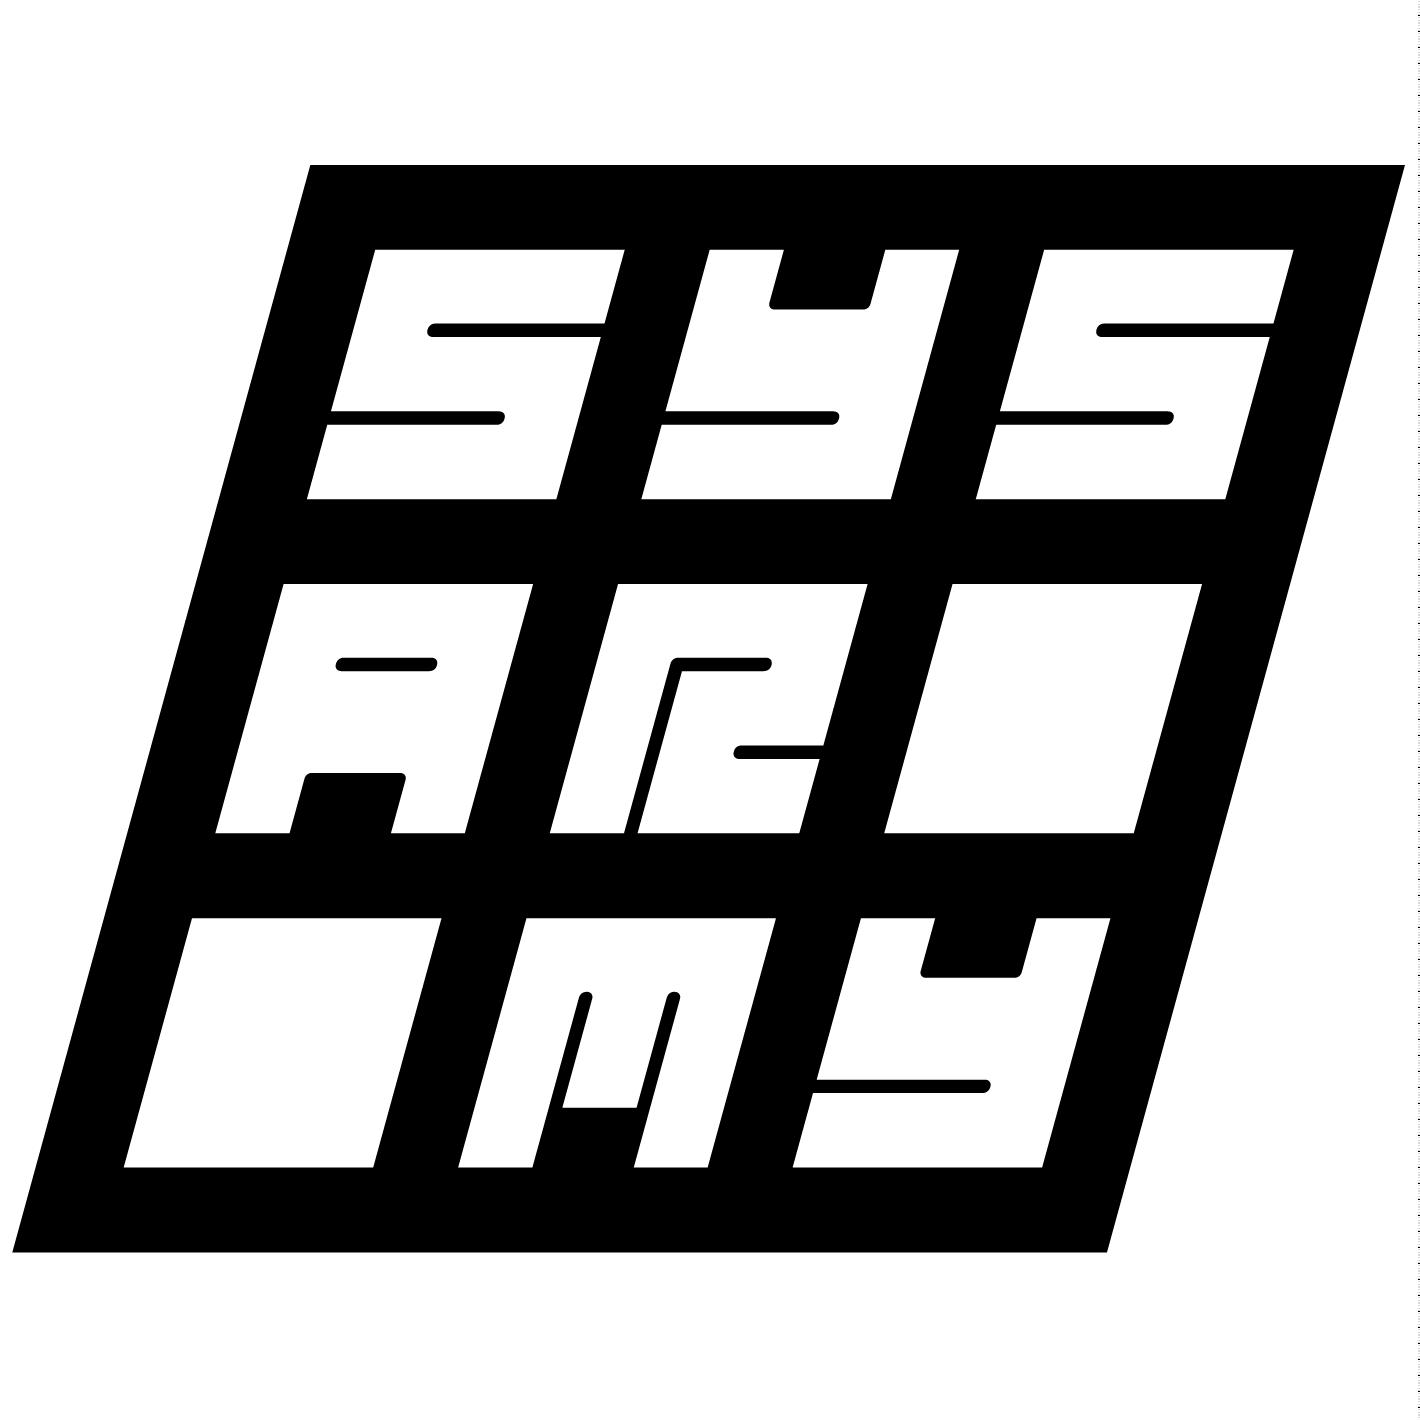 sysarmy blog